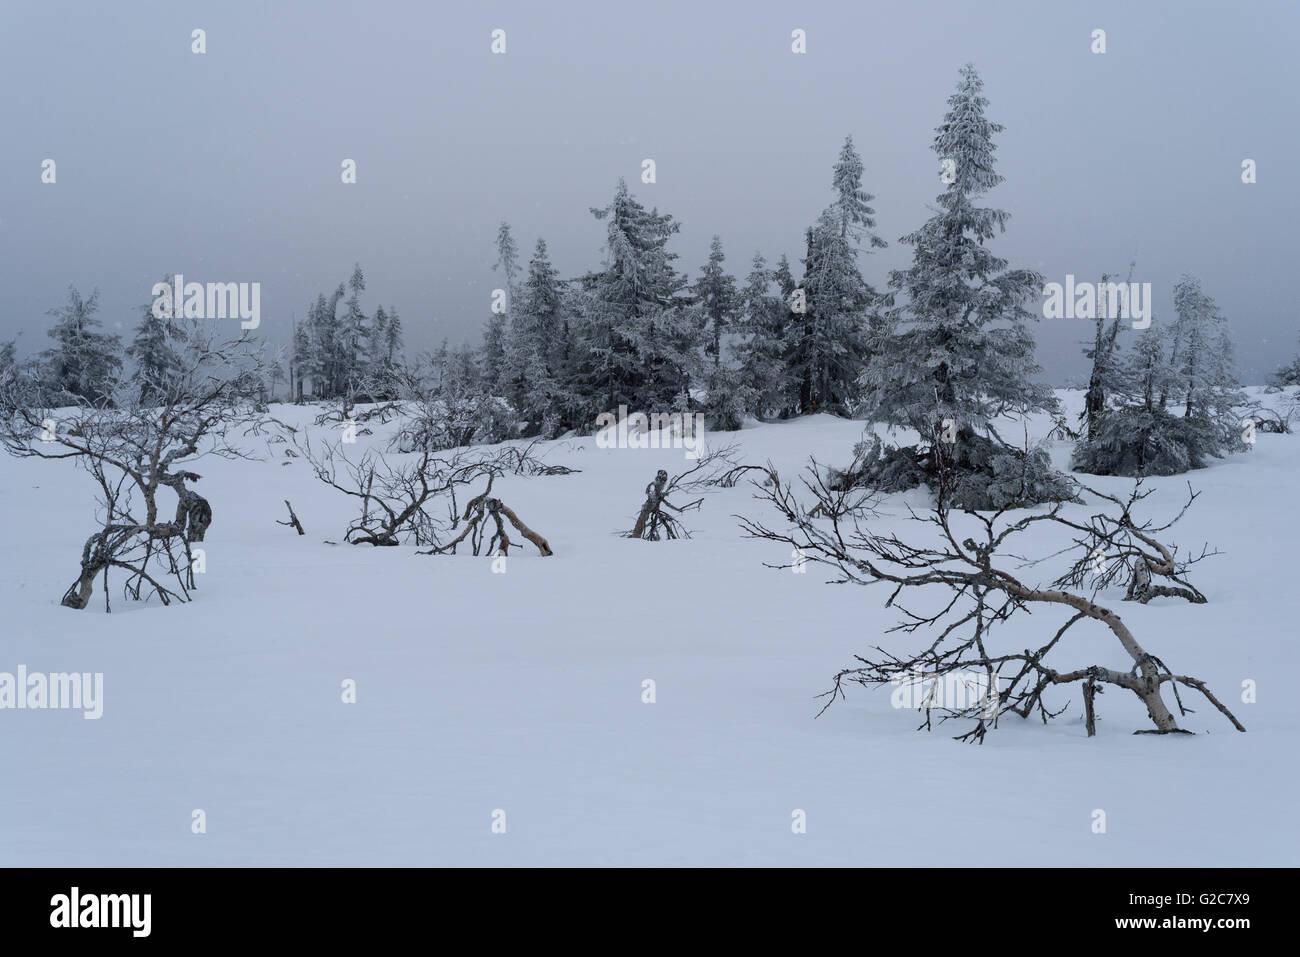 Snowy mountain landscape, Storfjällsgraven, Sälen, Dalarna, Sweden - Stock Image